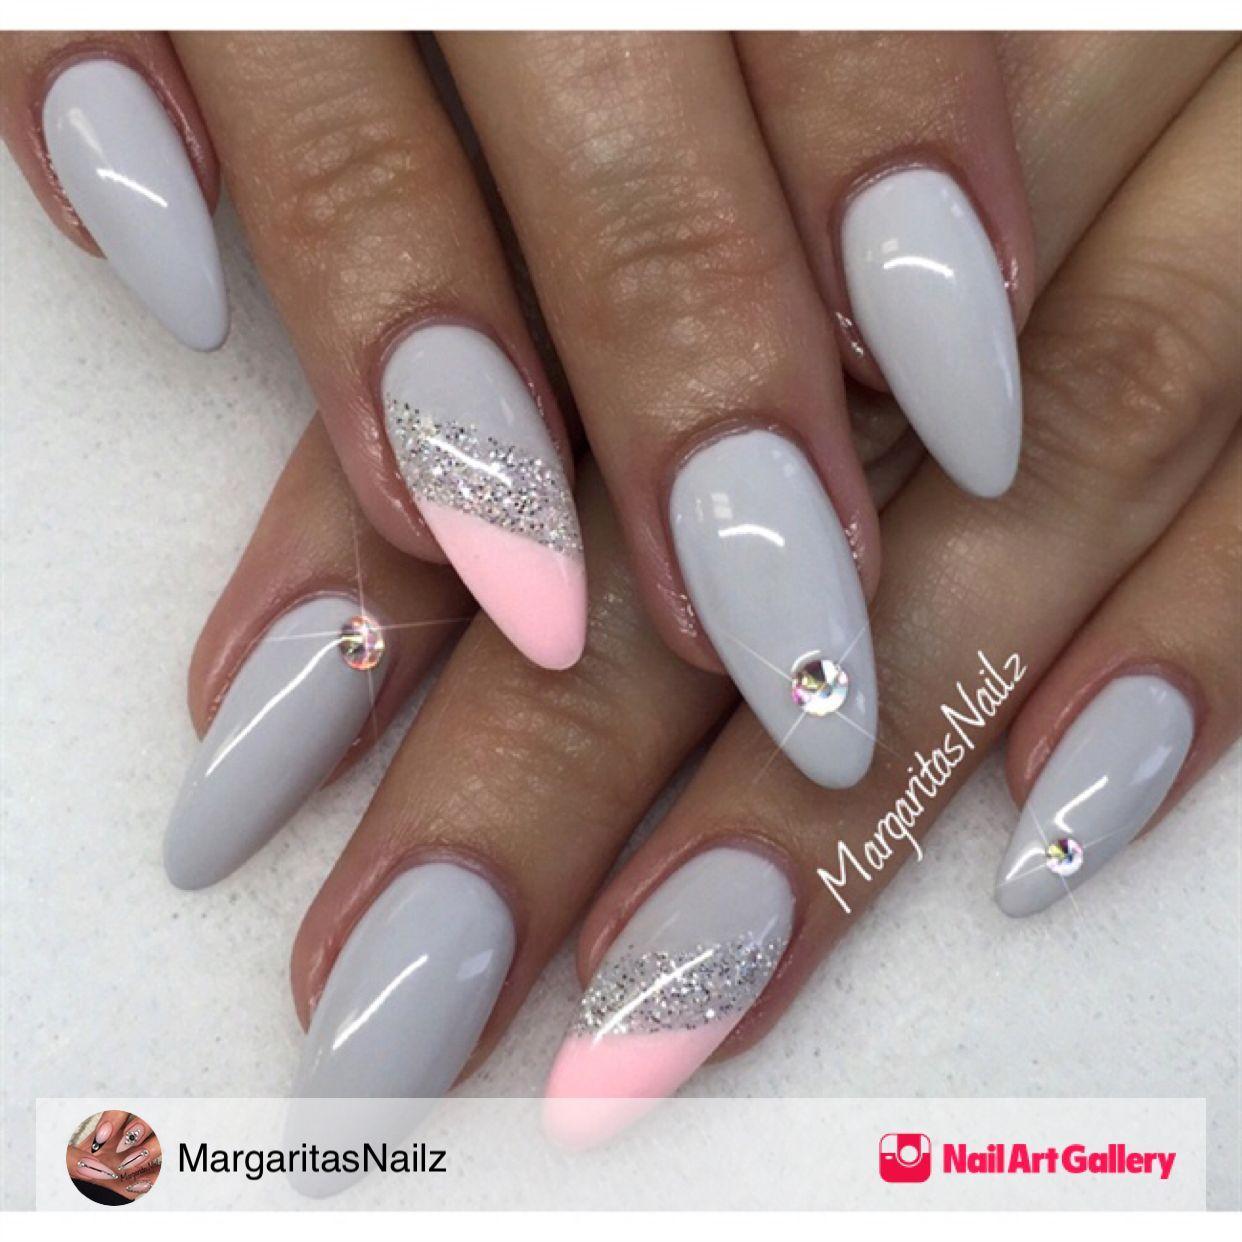 Grey Nails by MargaritasNailz via Nail Art Gallery #nailartgallery #nailart… - Grey Nails By MargaritasNailz Via Nail Art Gallery #nailartgallery